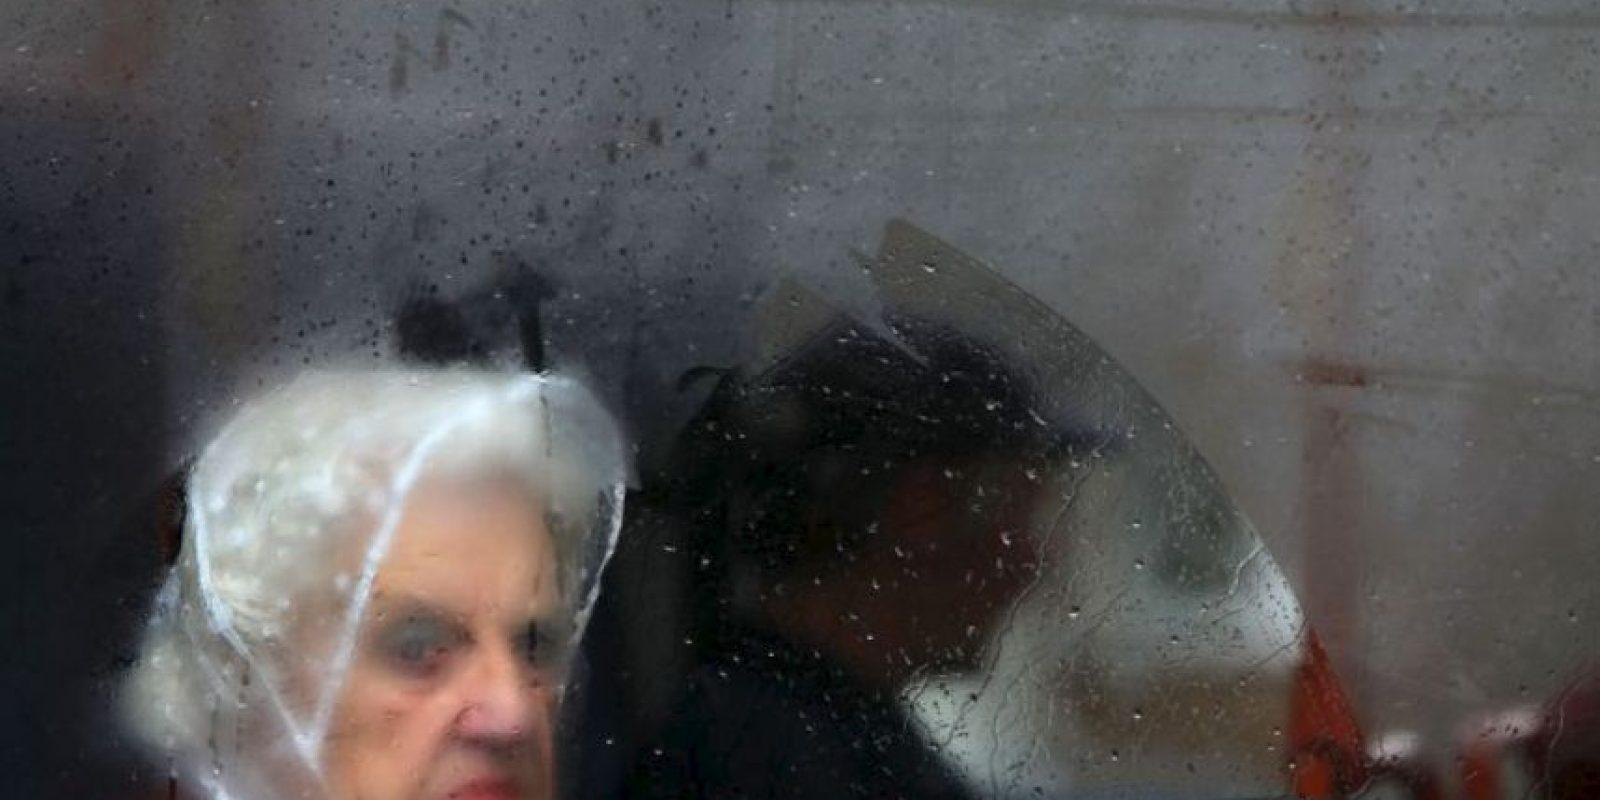 """""""Acogiendo positivamente, las personas con riesgo suicida tendrán menos vergüenza y temor de pedir ayuda"""", expuso la psicóloga chilena. Foto:vía Tumblr"""